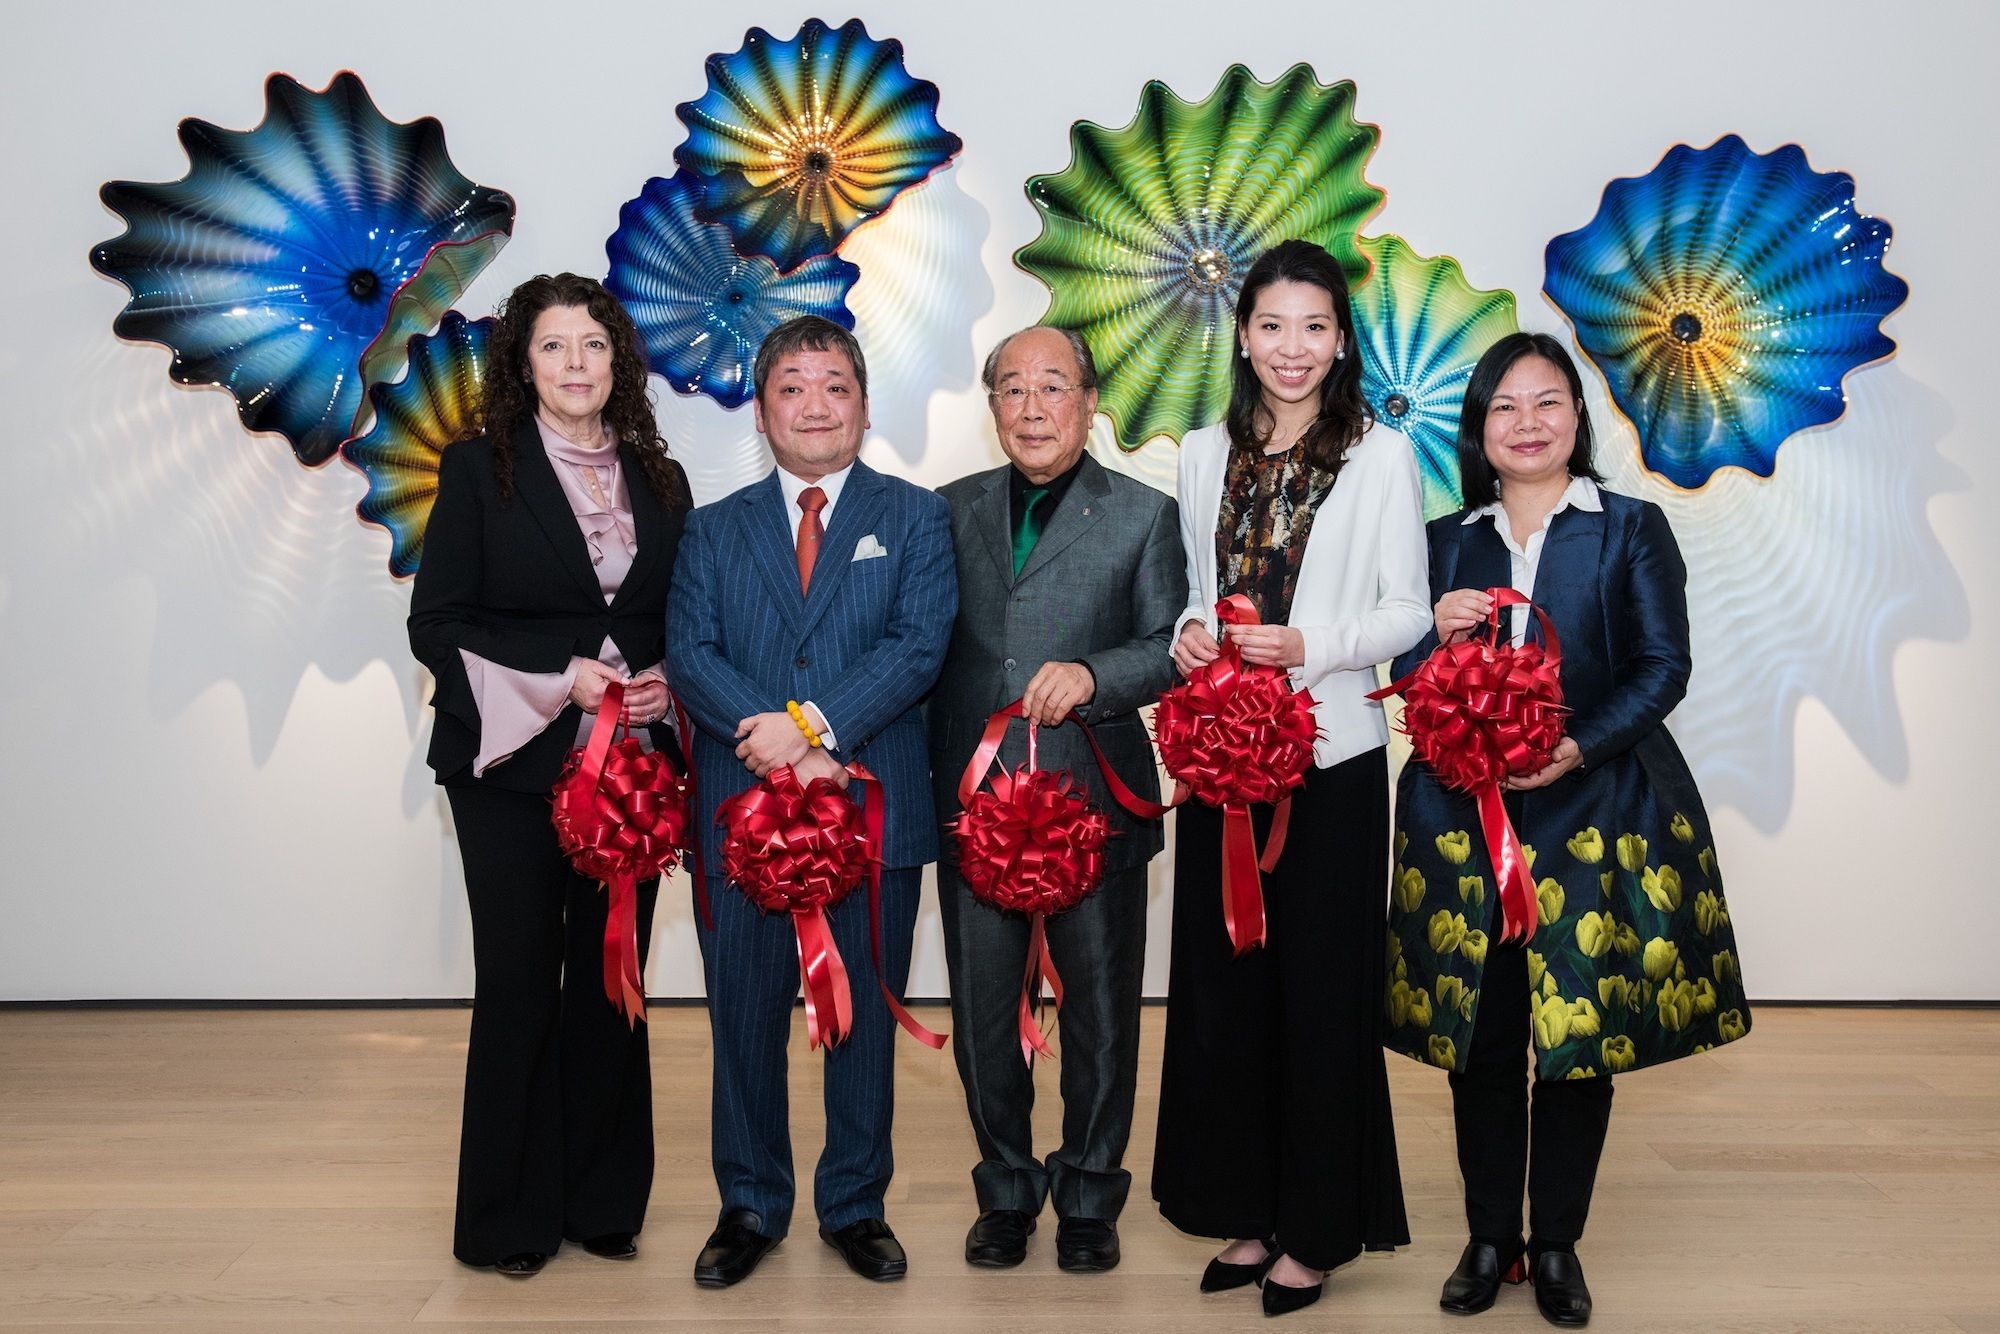 Susan Marabito, Koei Shiraishi, Yukio Shiraishi, Kristine Li, Yuling Wang